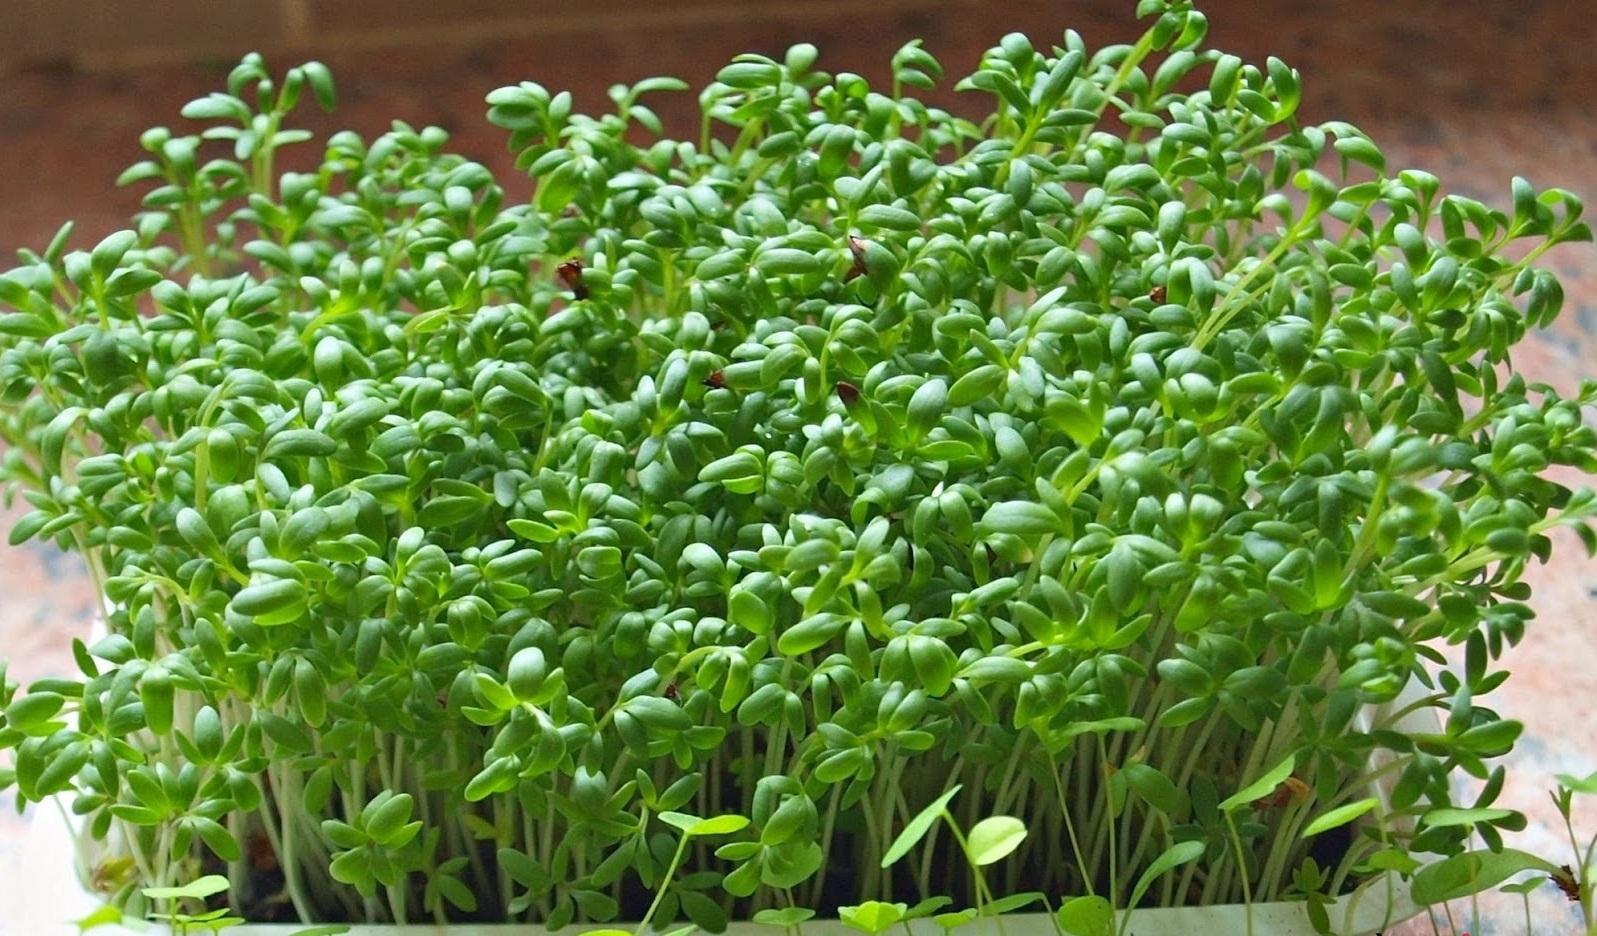 Cách trồng rau mầm nhanh mọc tại nhà cho bạn có vườn sau sạch ăn vào dịp Tết - Ảnh 1